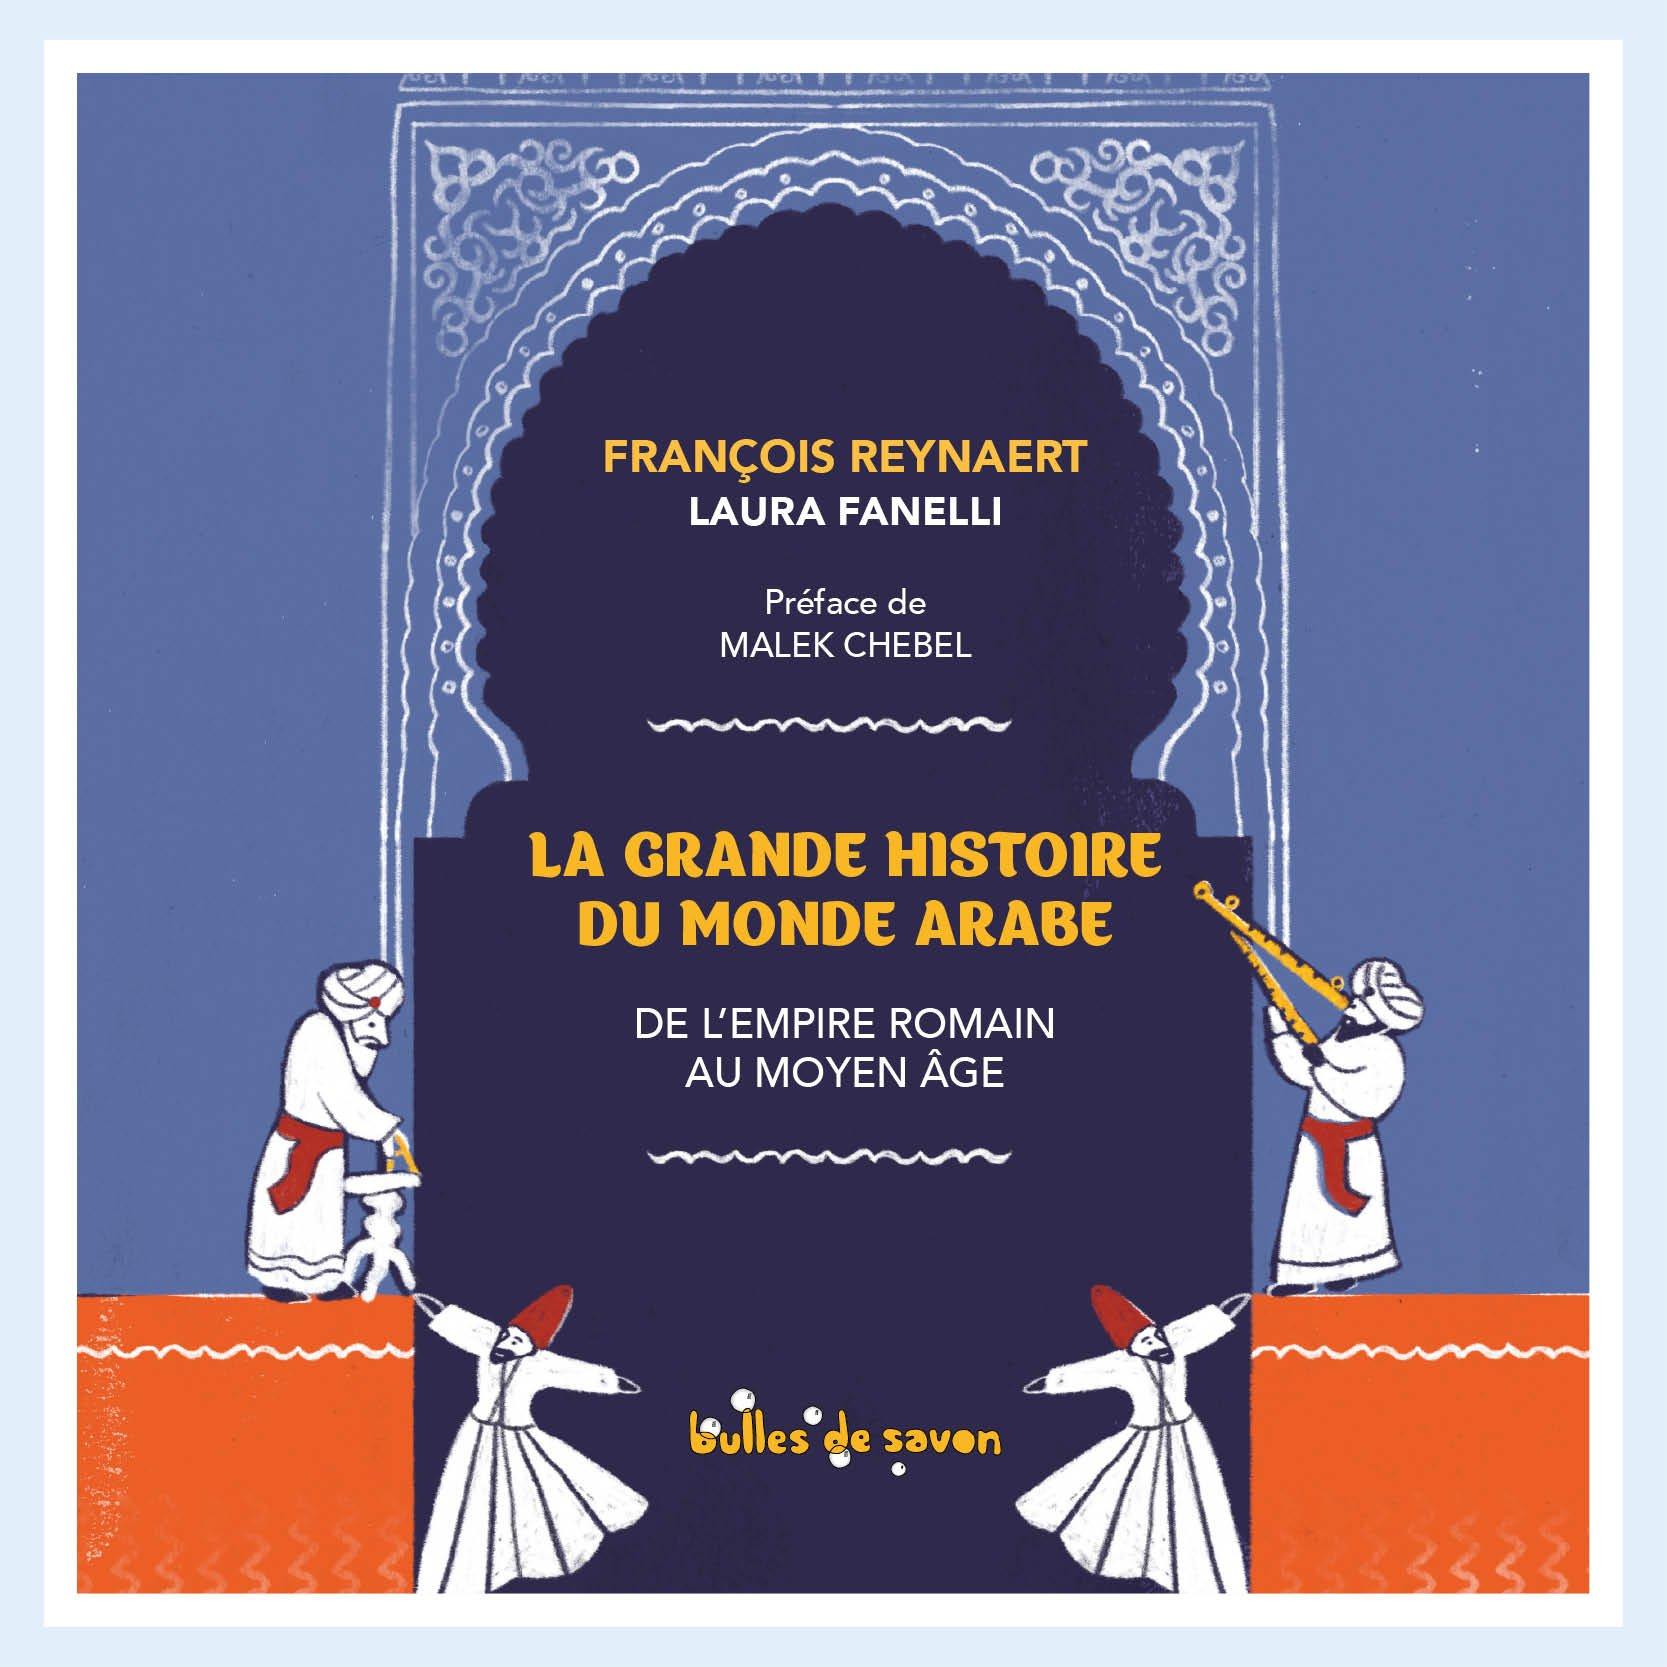 Mention « Librairies sorcières » de l'Association des Librairies Spécialisées Jeunesse (ALSJ) : – « La Grande Histoire du monde arabe » de François Reynaert et Laura Fanelli, (Bulles de savon)